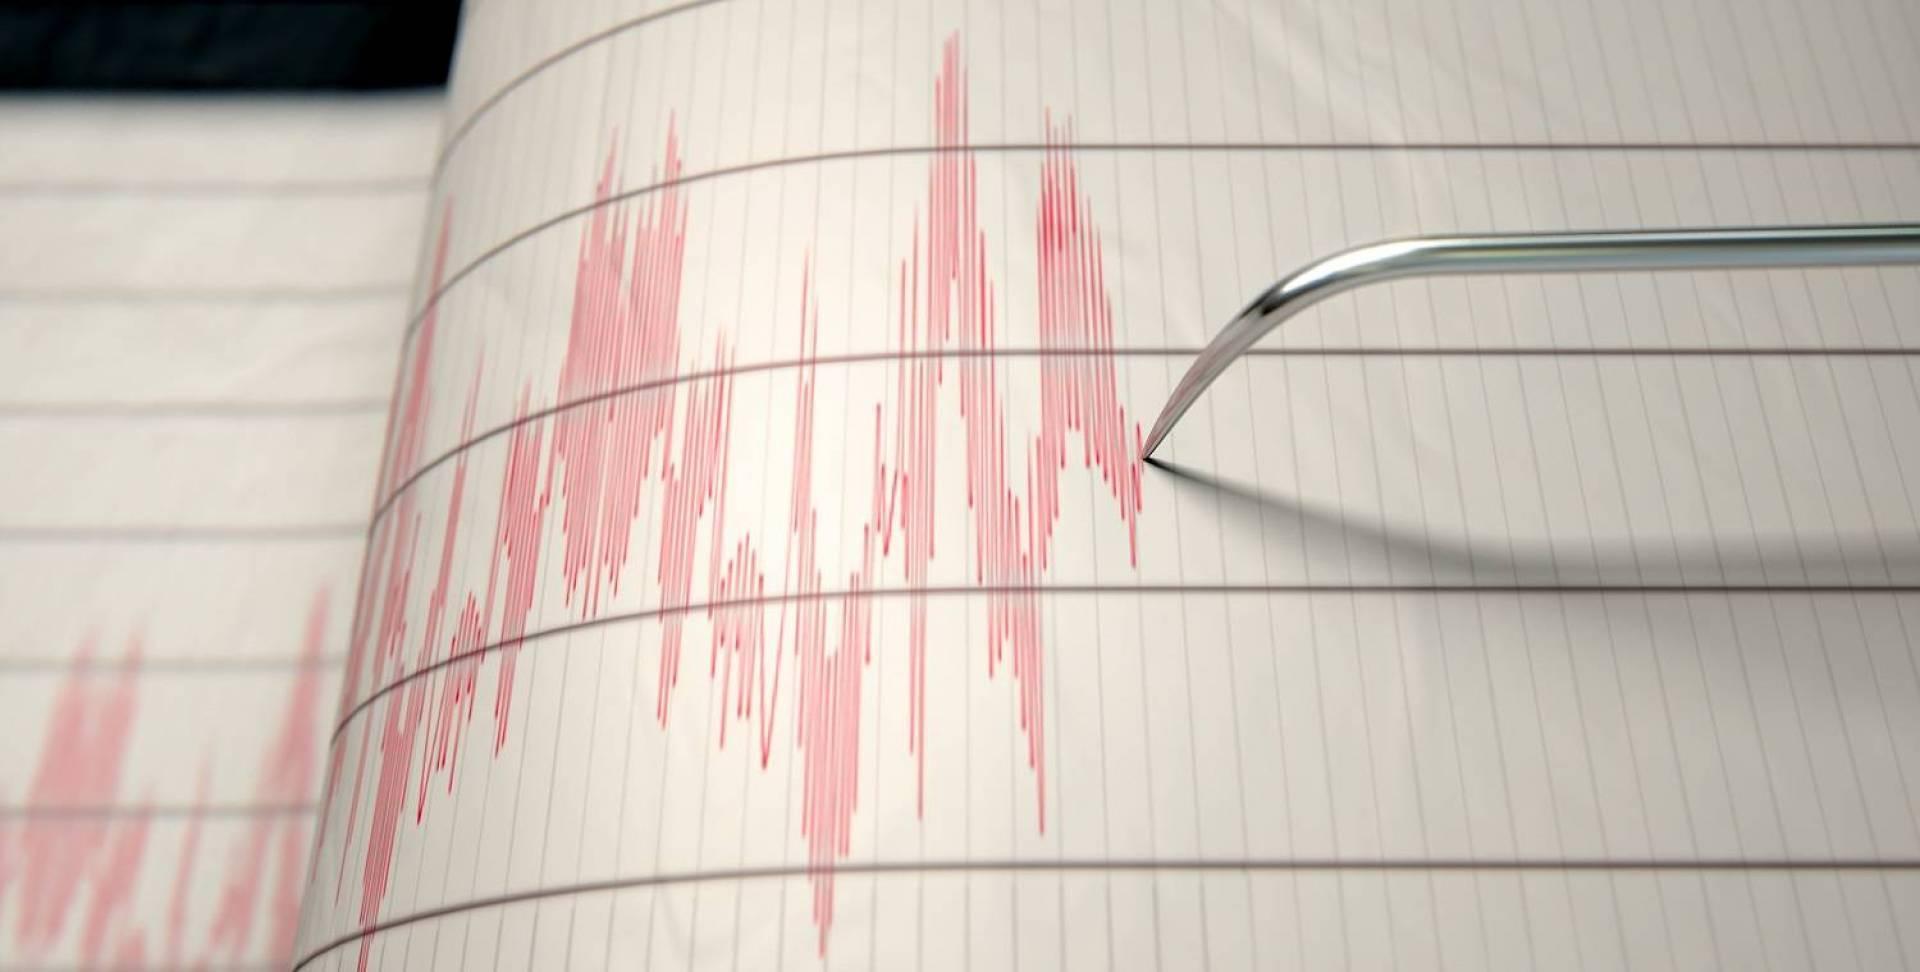 البحوث الفلكية: زلزال شمال الإسكندرية بقوة 3.5 ريختر 1